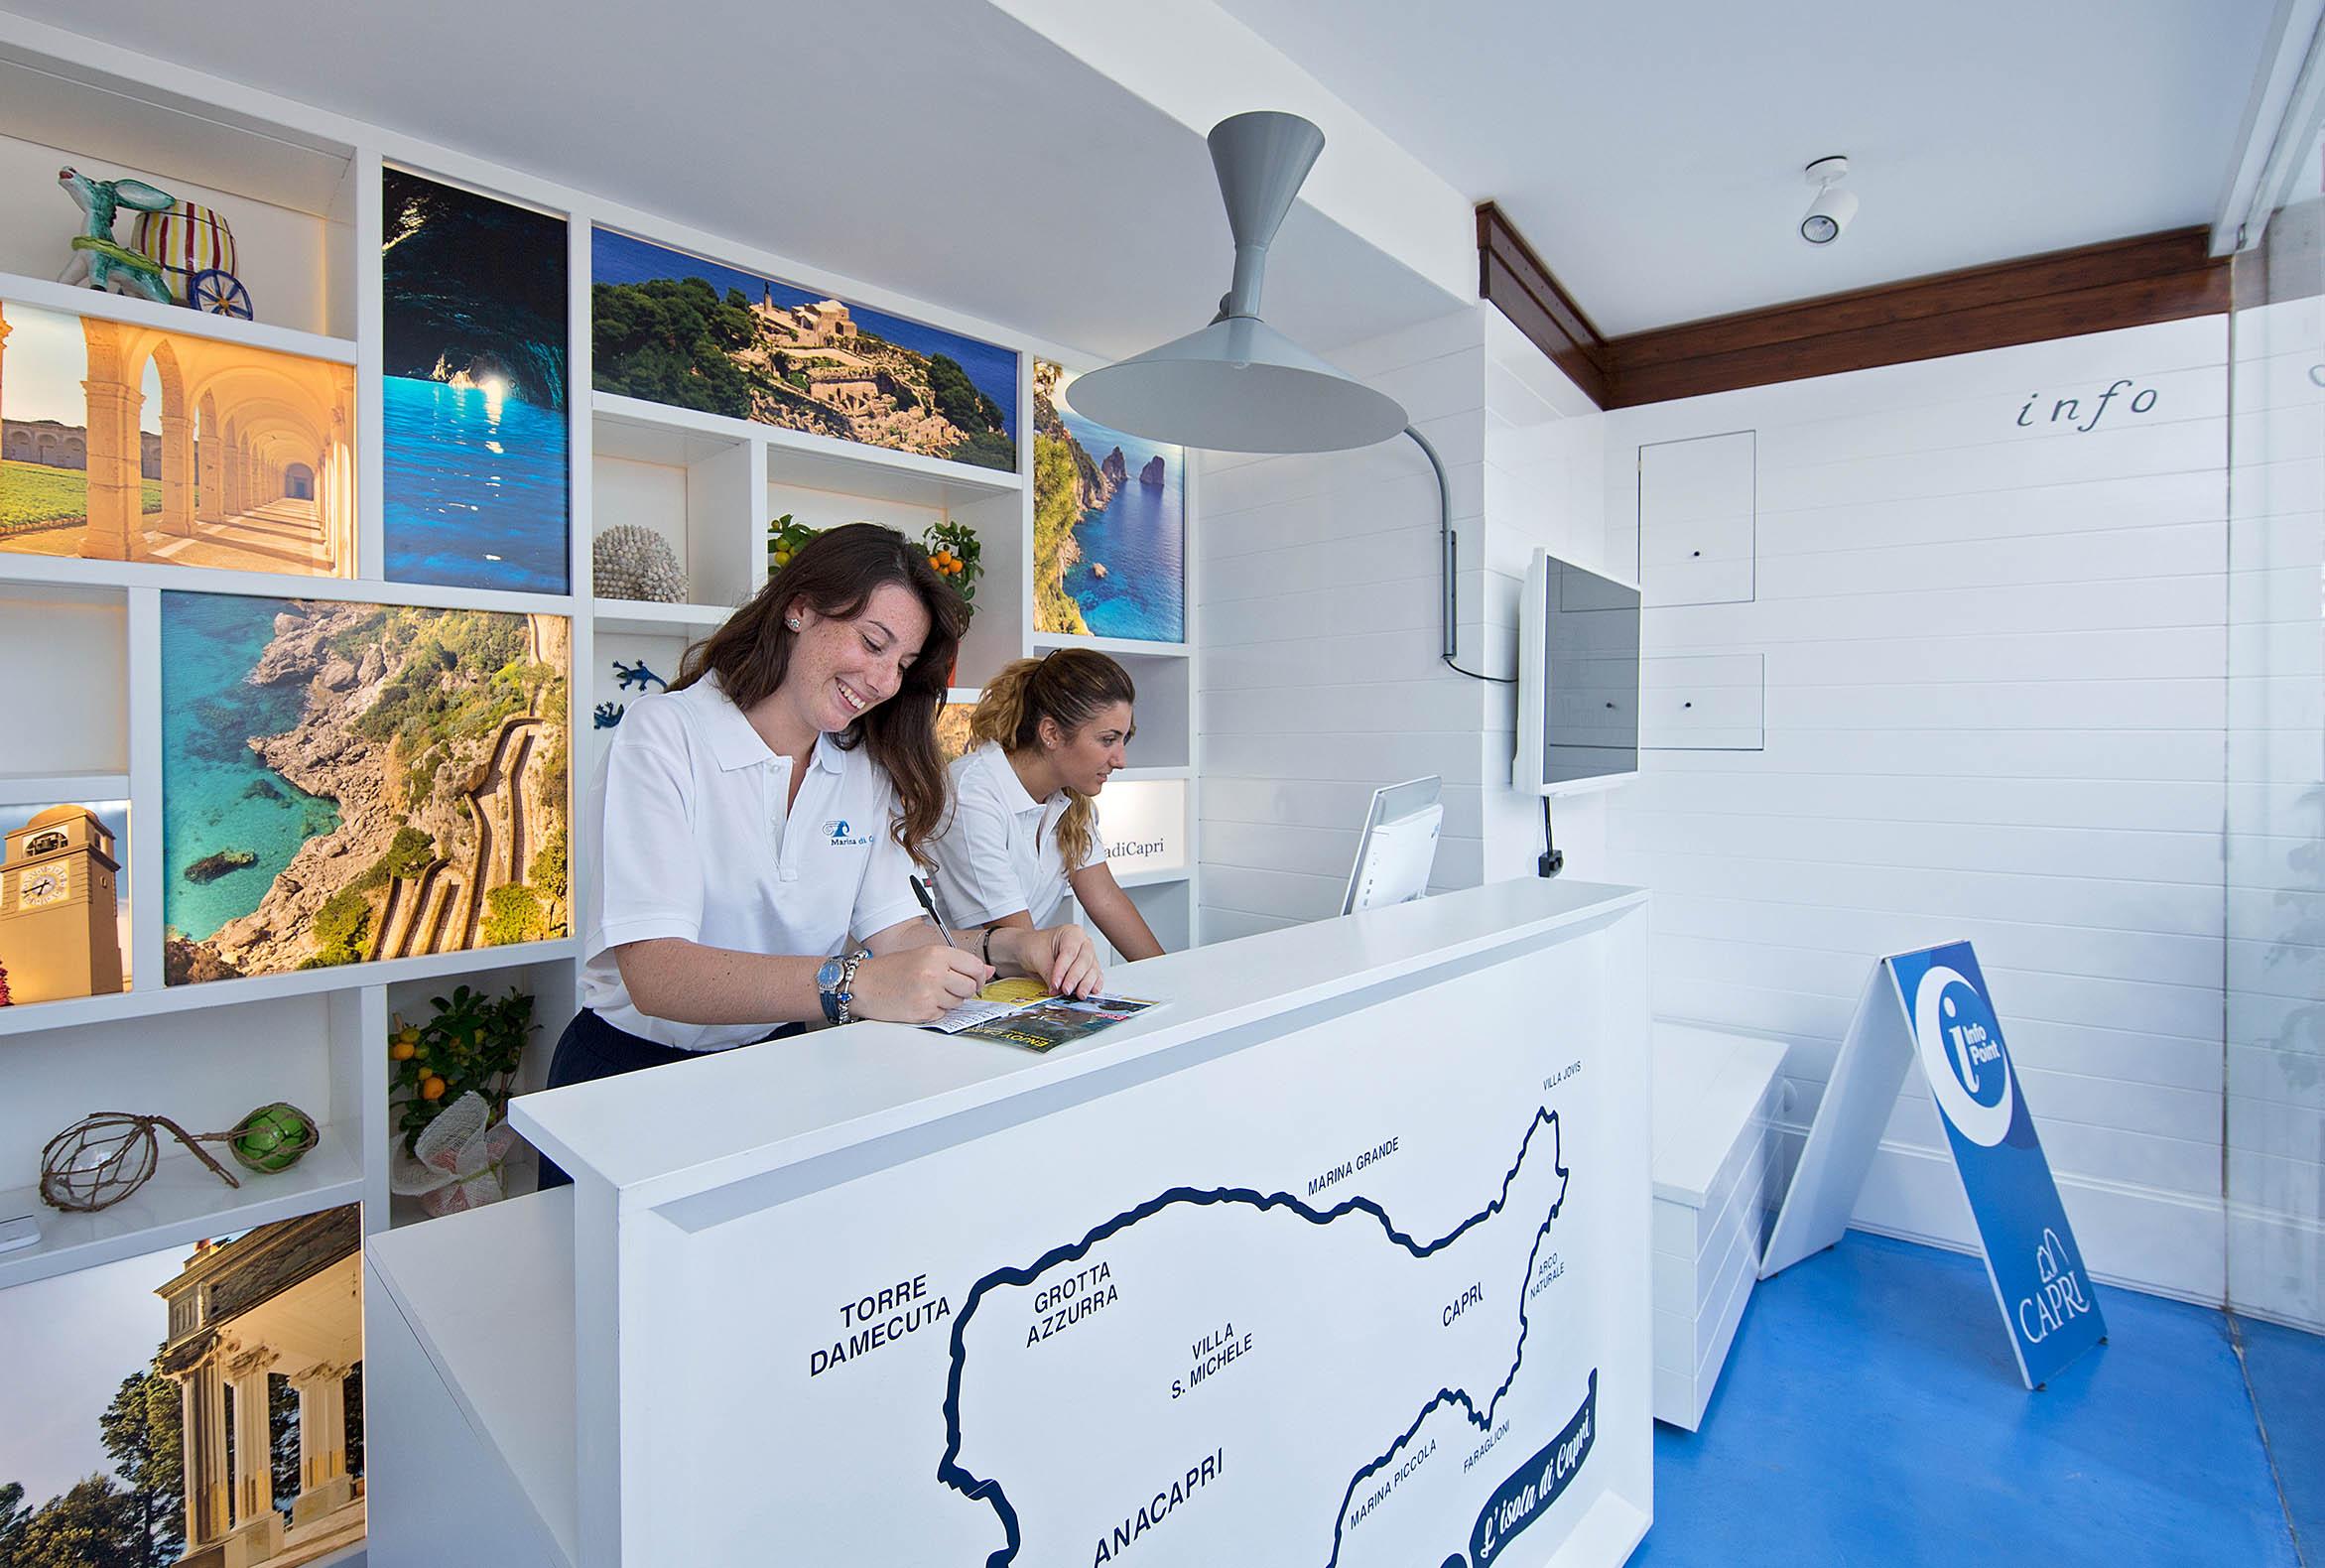 Inaugurato il nuovo Infopoint a Marina Grande: iniziativa del Comune di Capri e del Porto Turistico per potenziare i servizi turistici